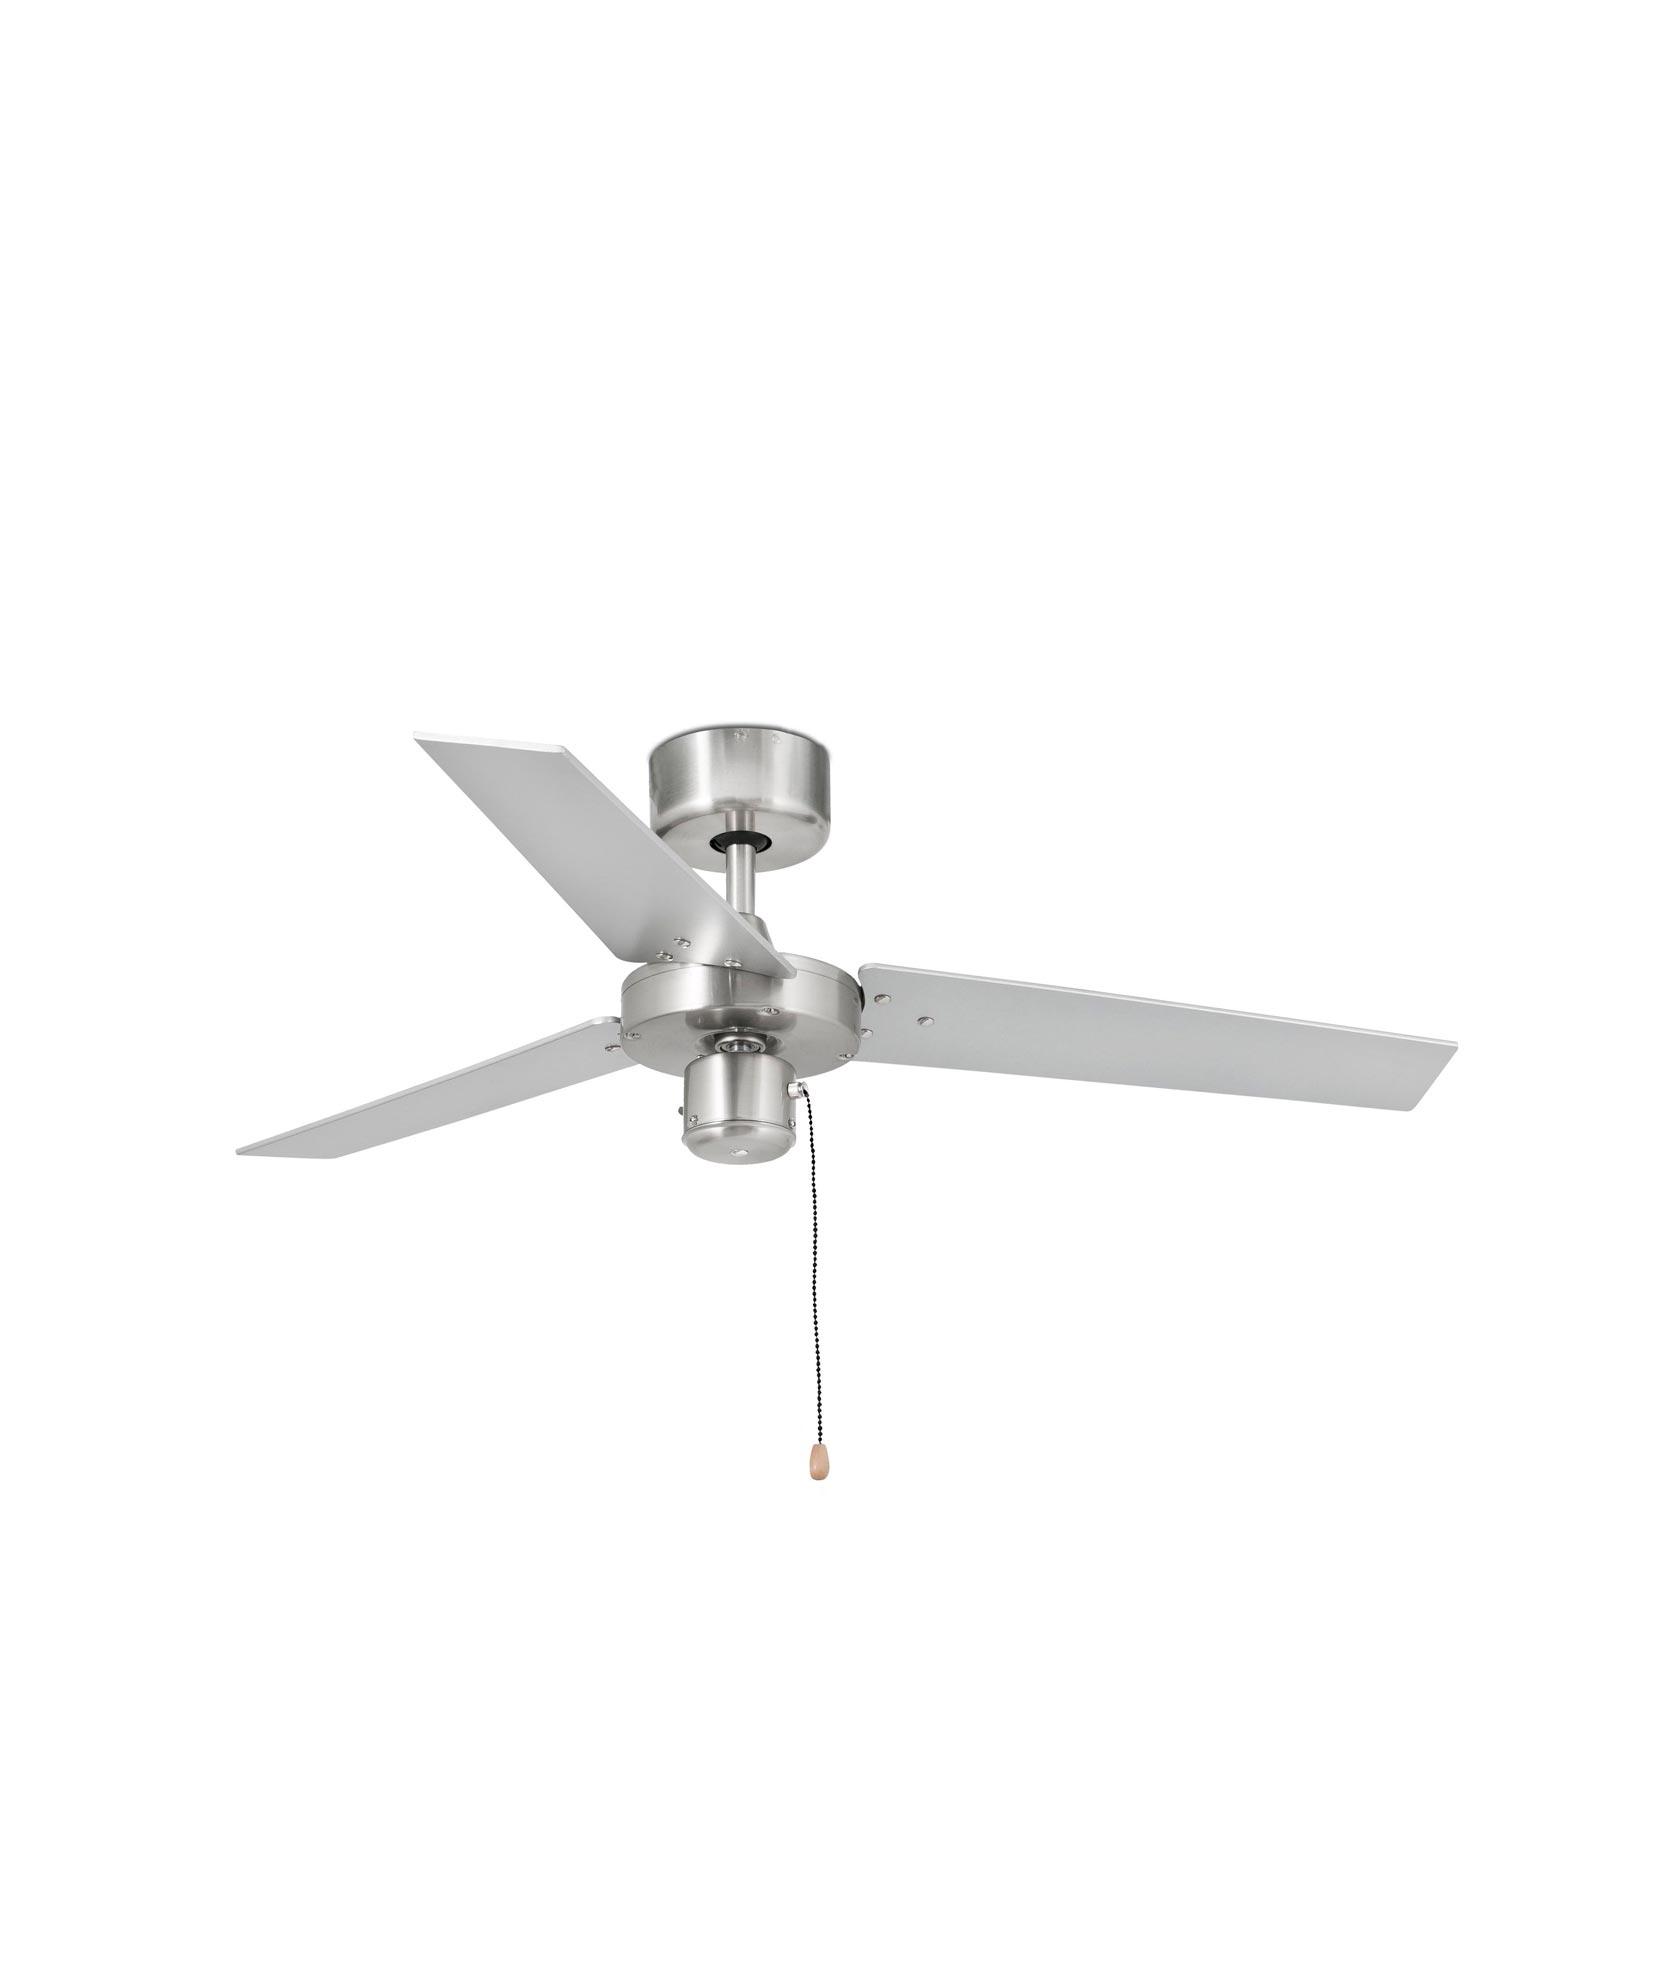 Ventilador color aluminio cepillado FACTORY